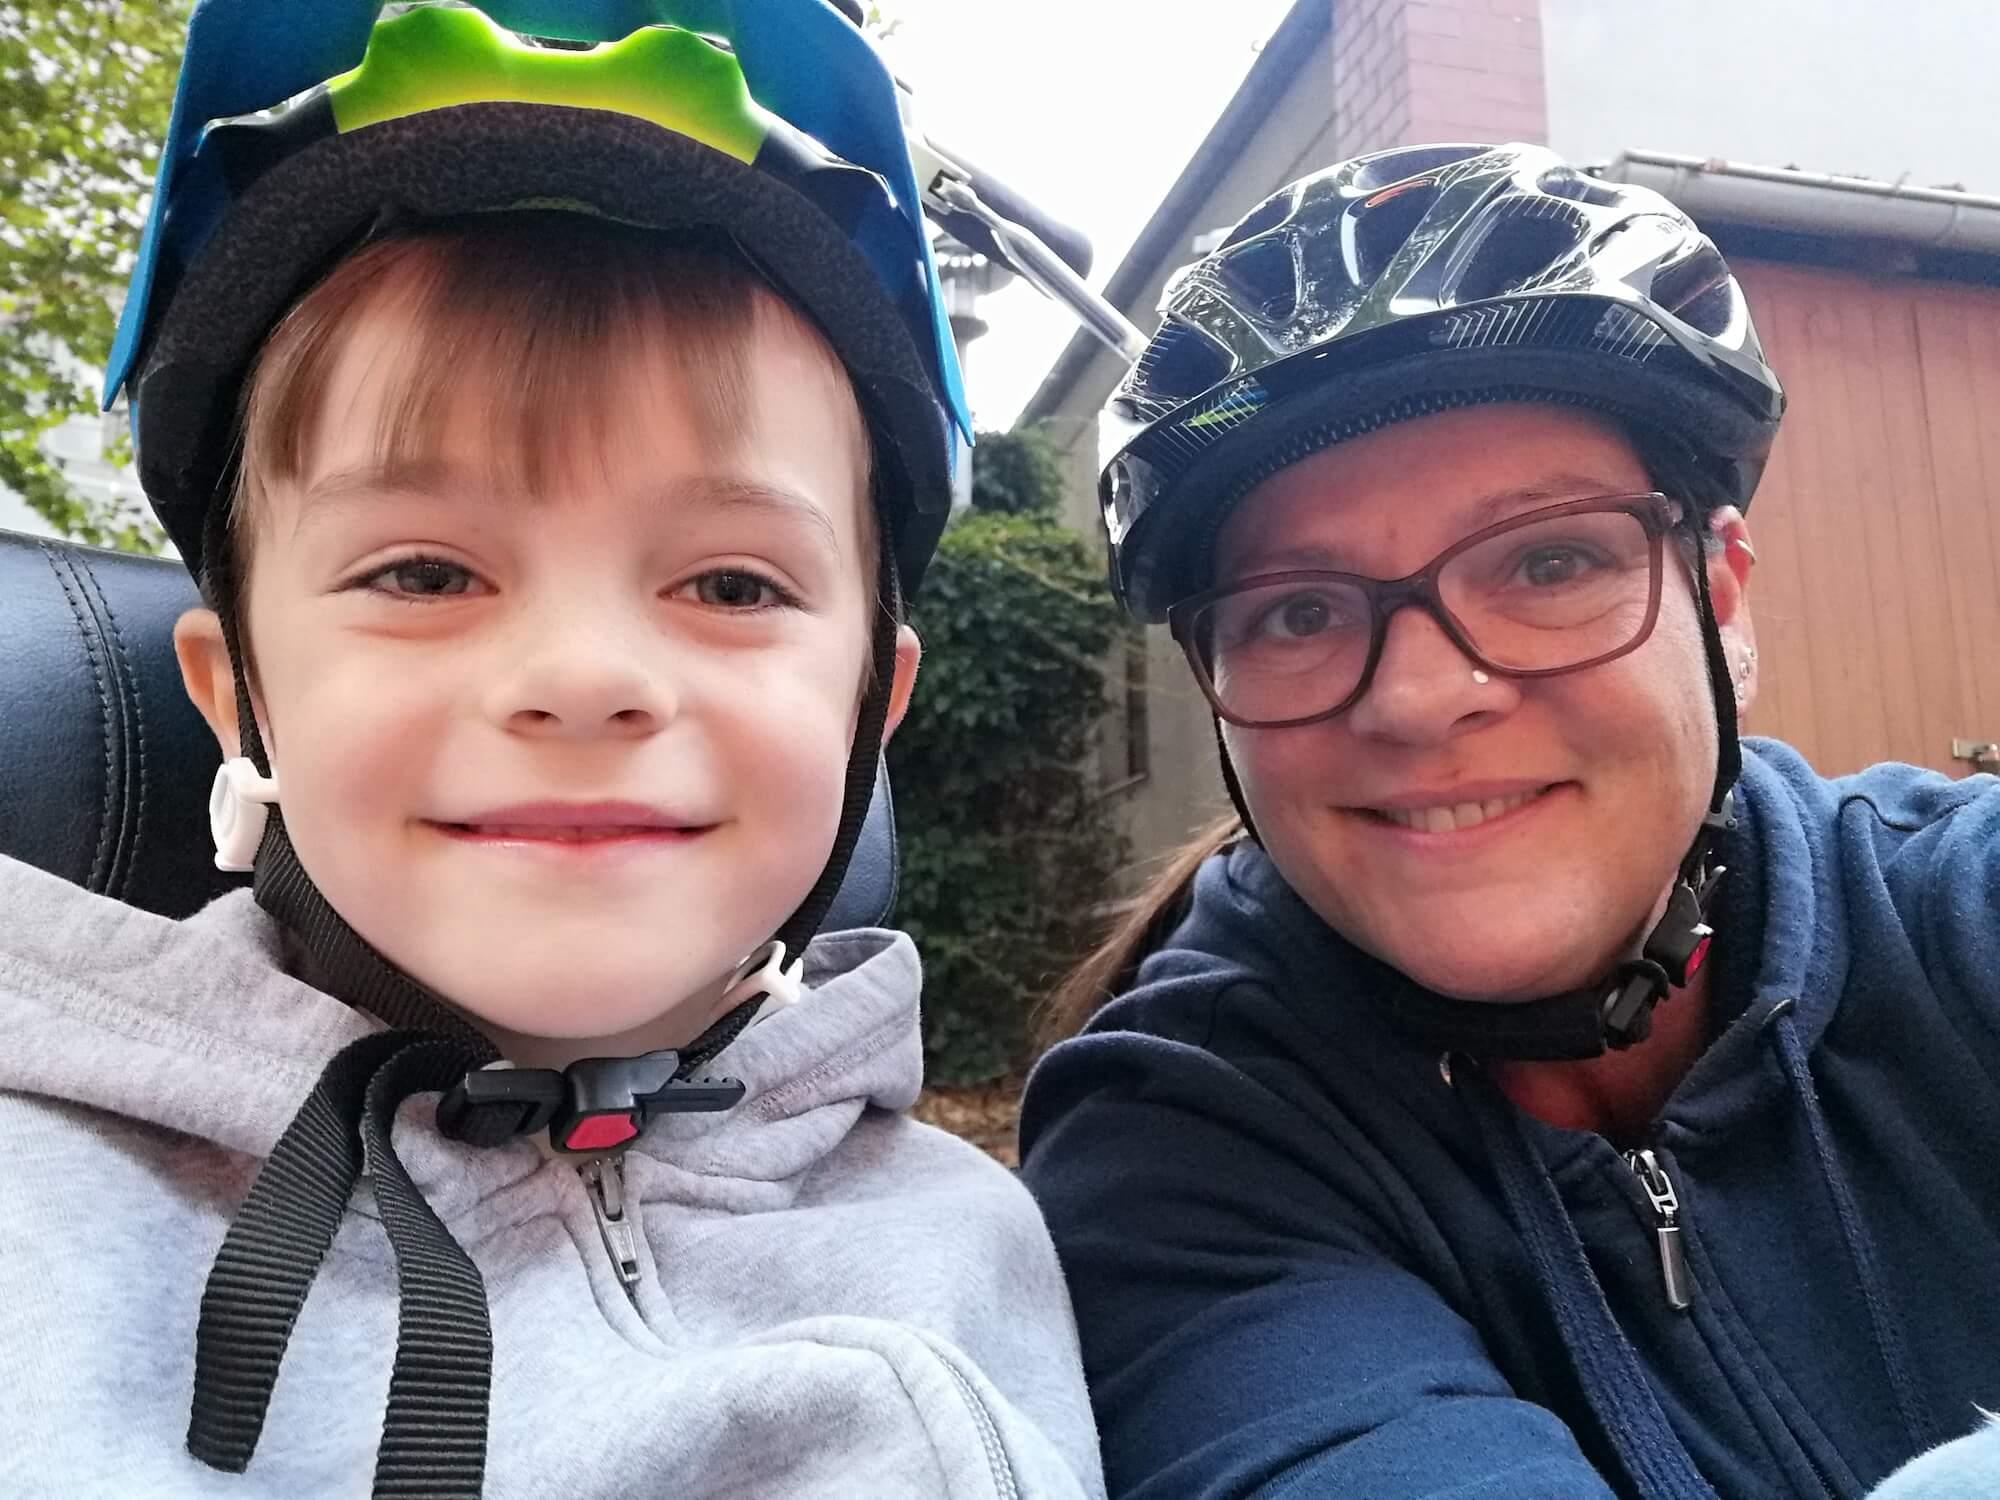 Selfie von Mutter und Sohn, die fröhlich lachen und beide einen Fahrradhelm tragen